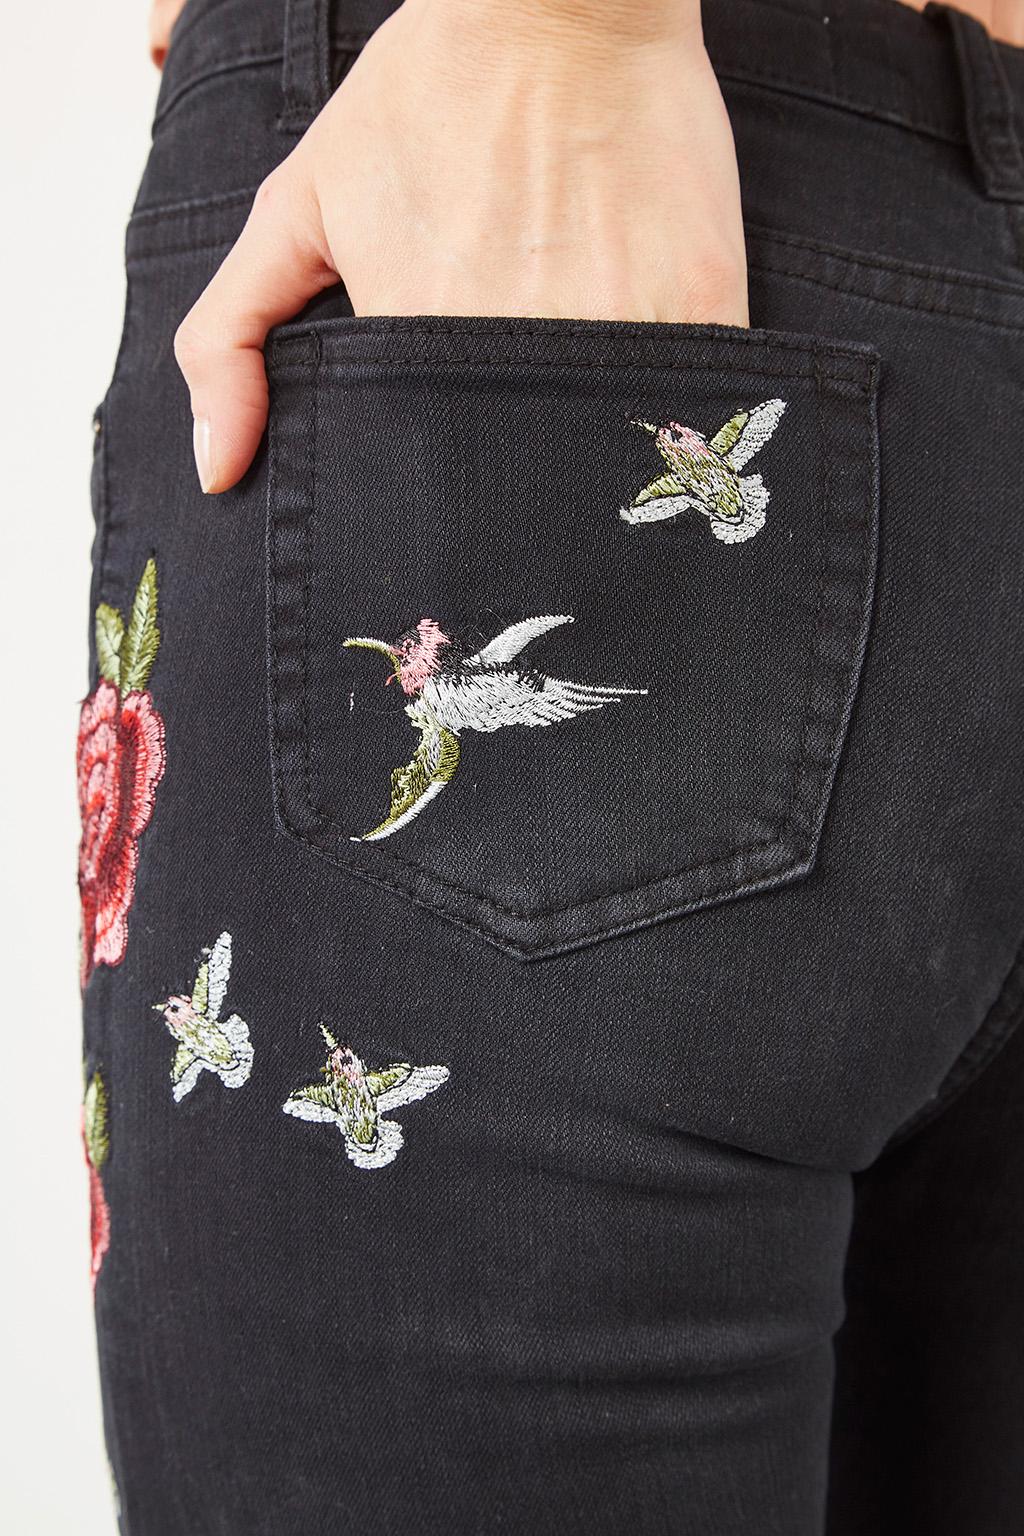 Pantalon de printemps #collectionIRL